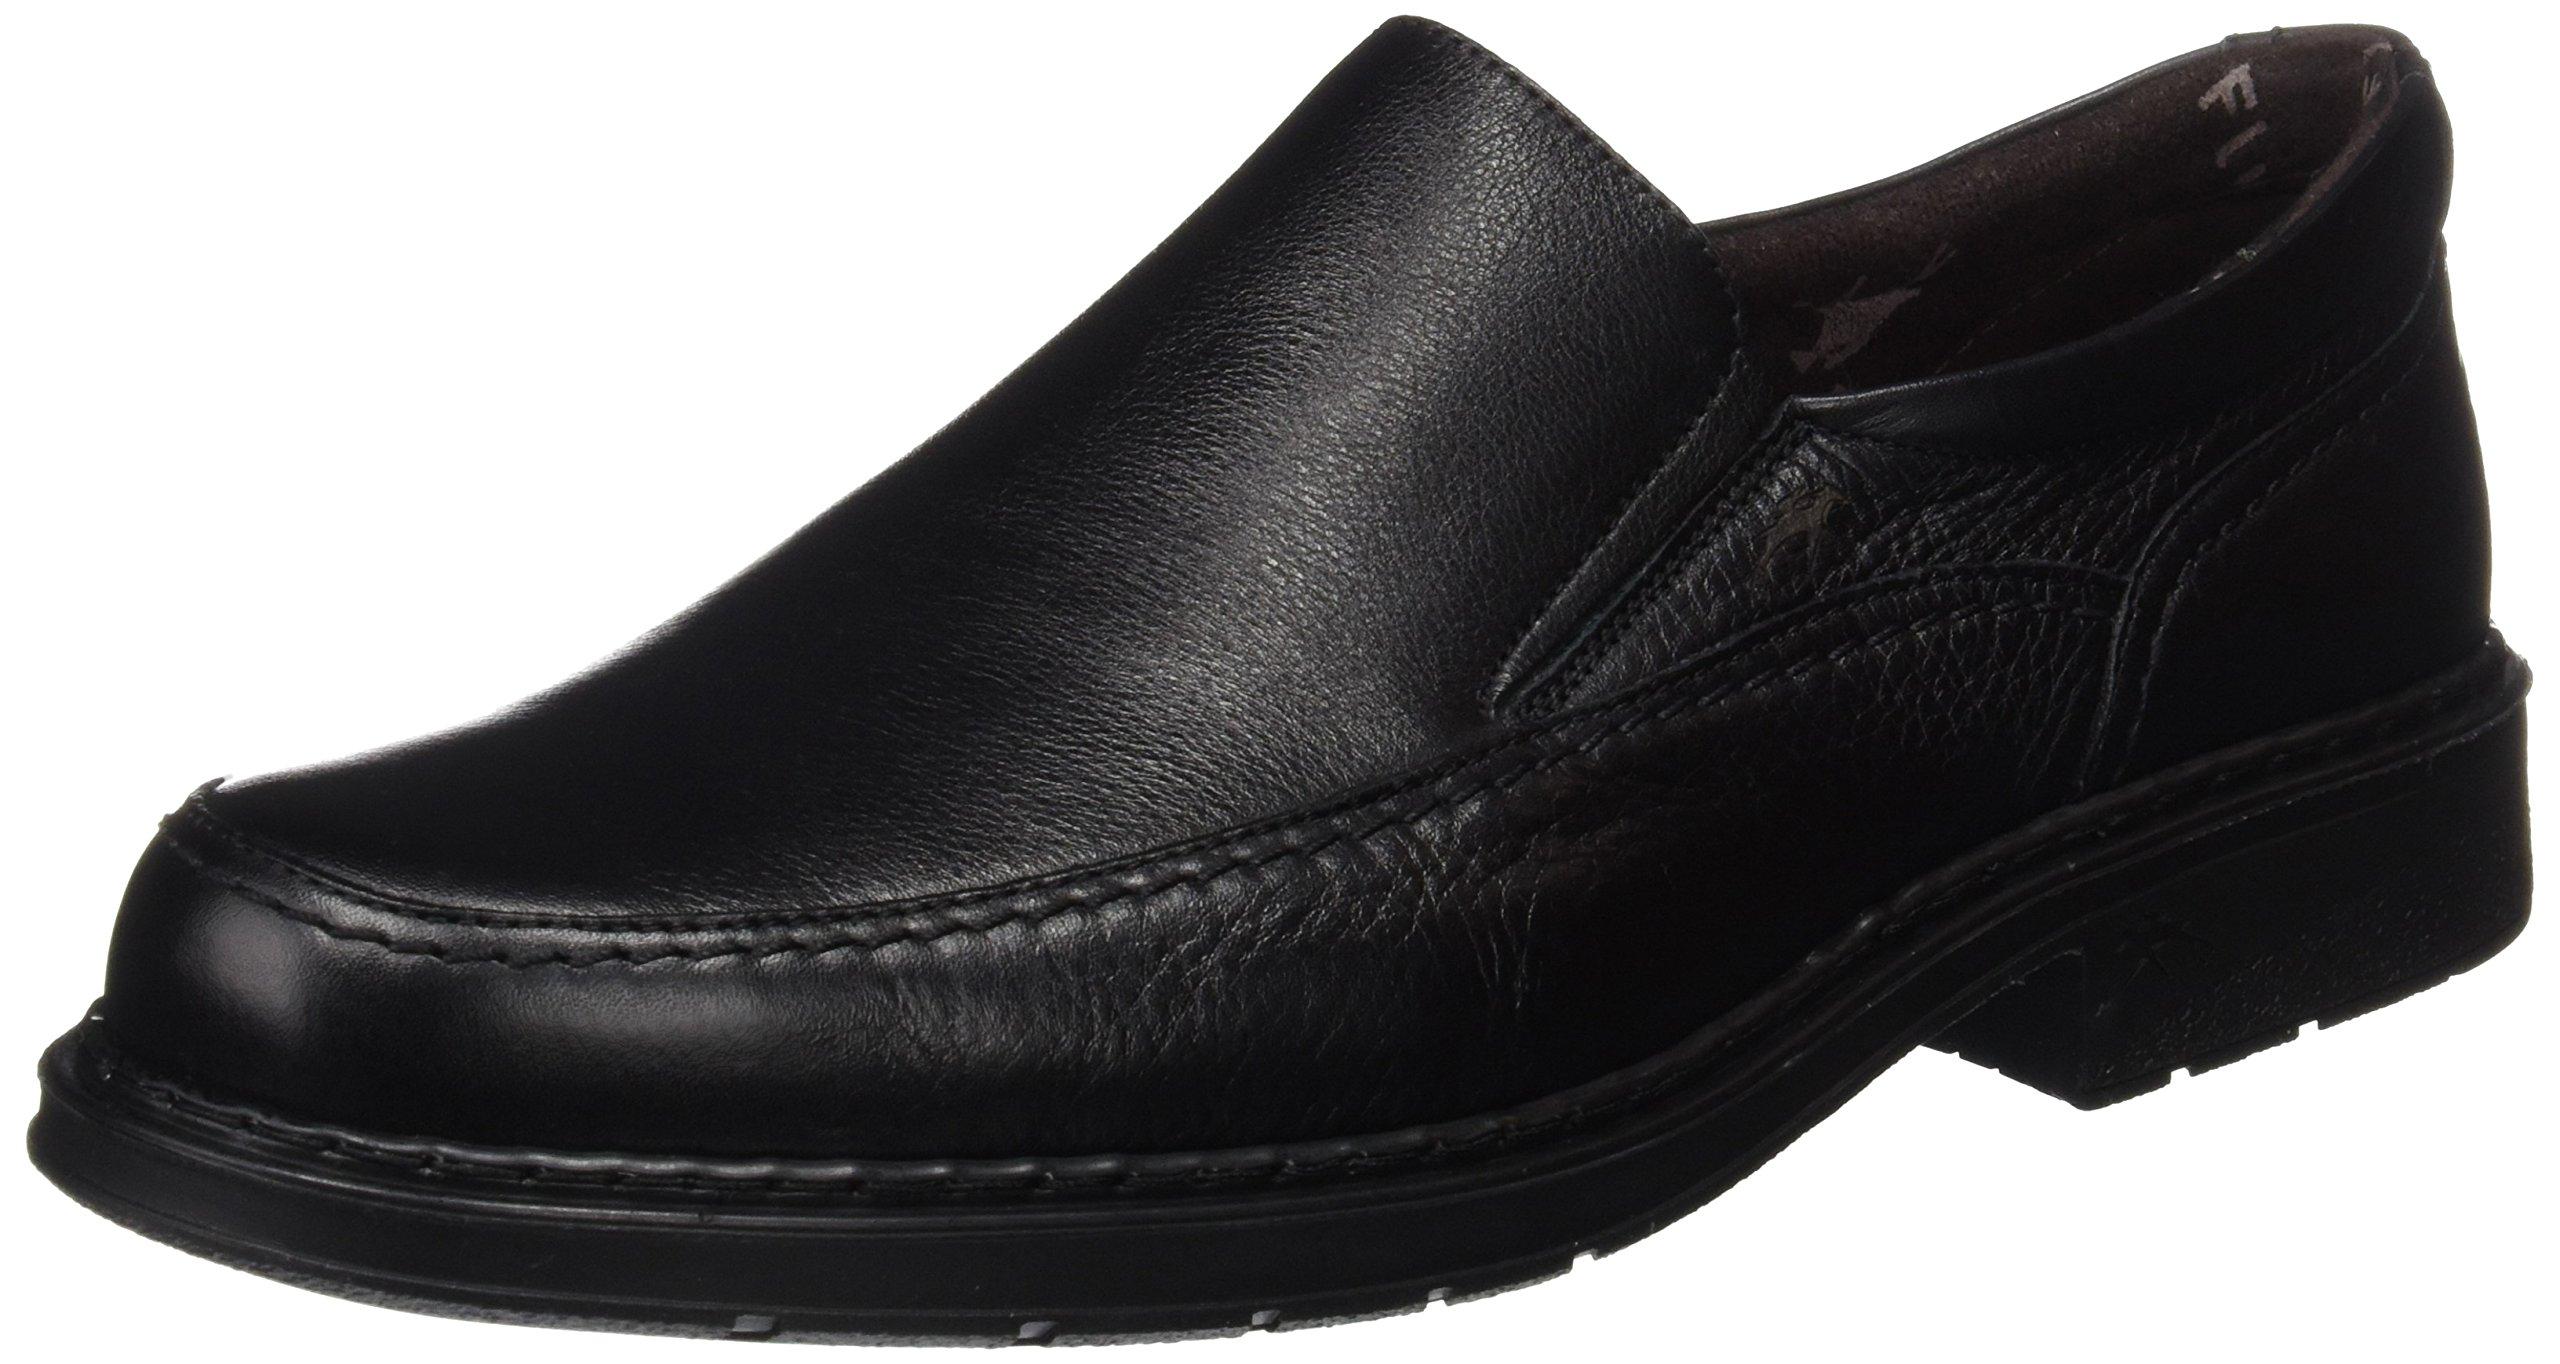 Spain on Eu HommeNoirblack41 Chaussures ClipperSlip FluchosRetail Es IEDH2W9